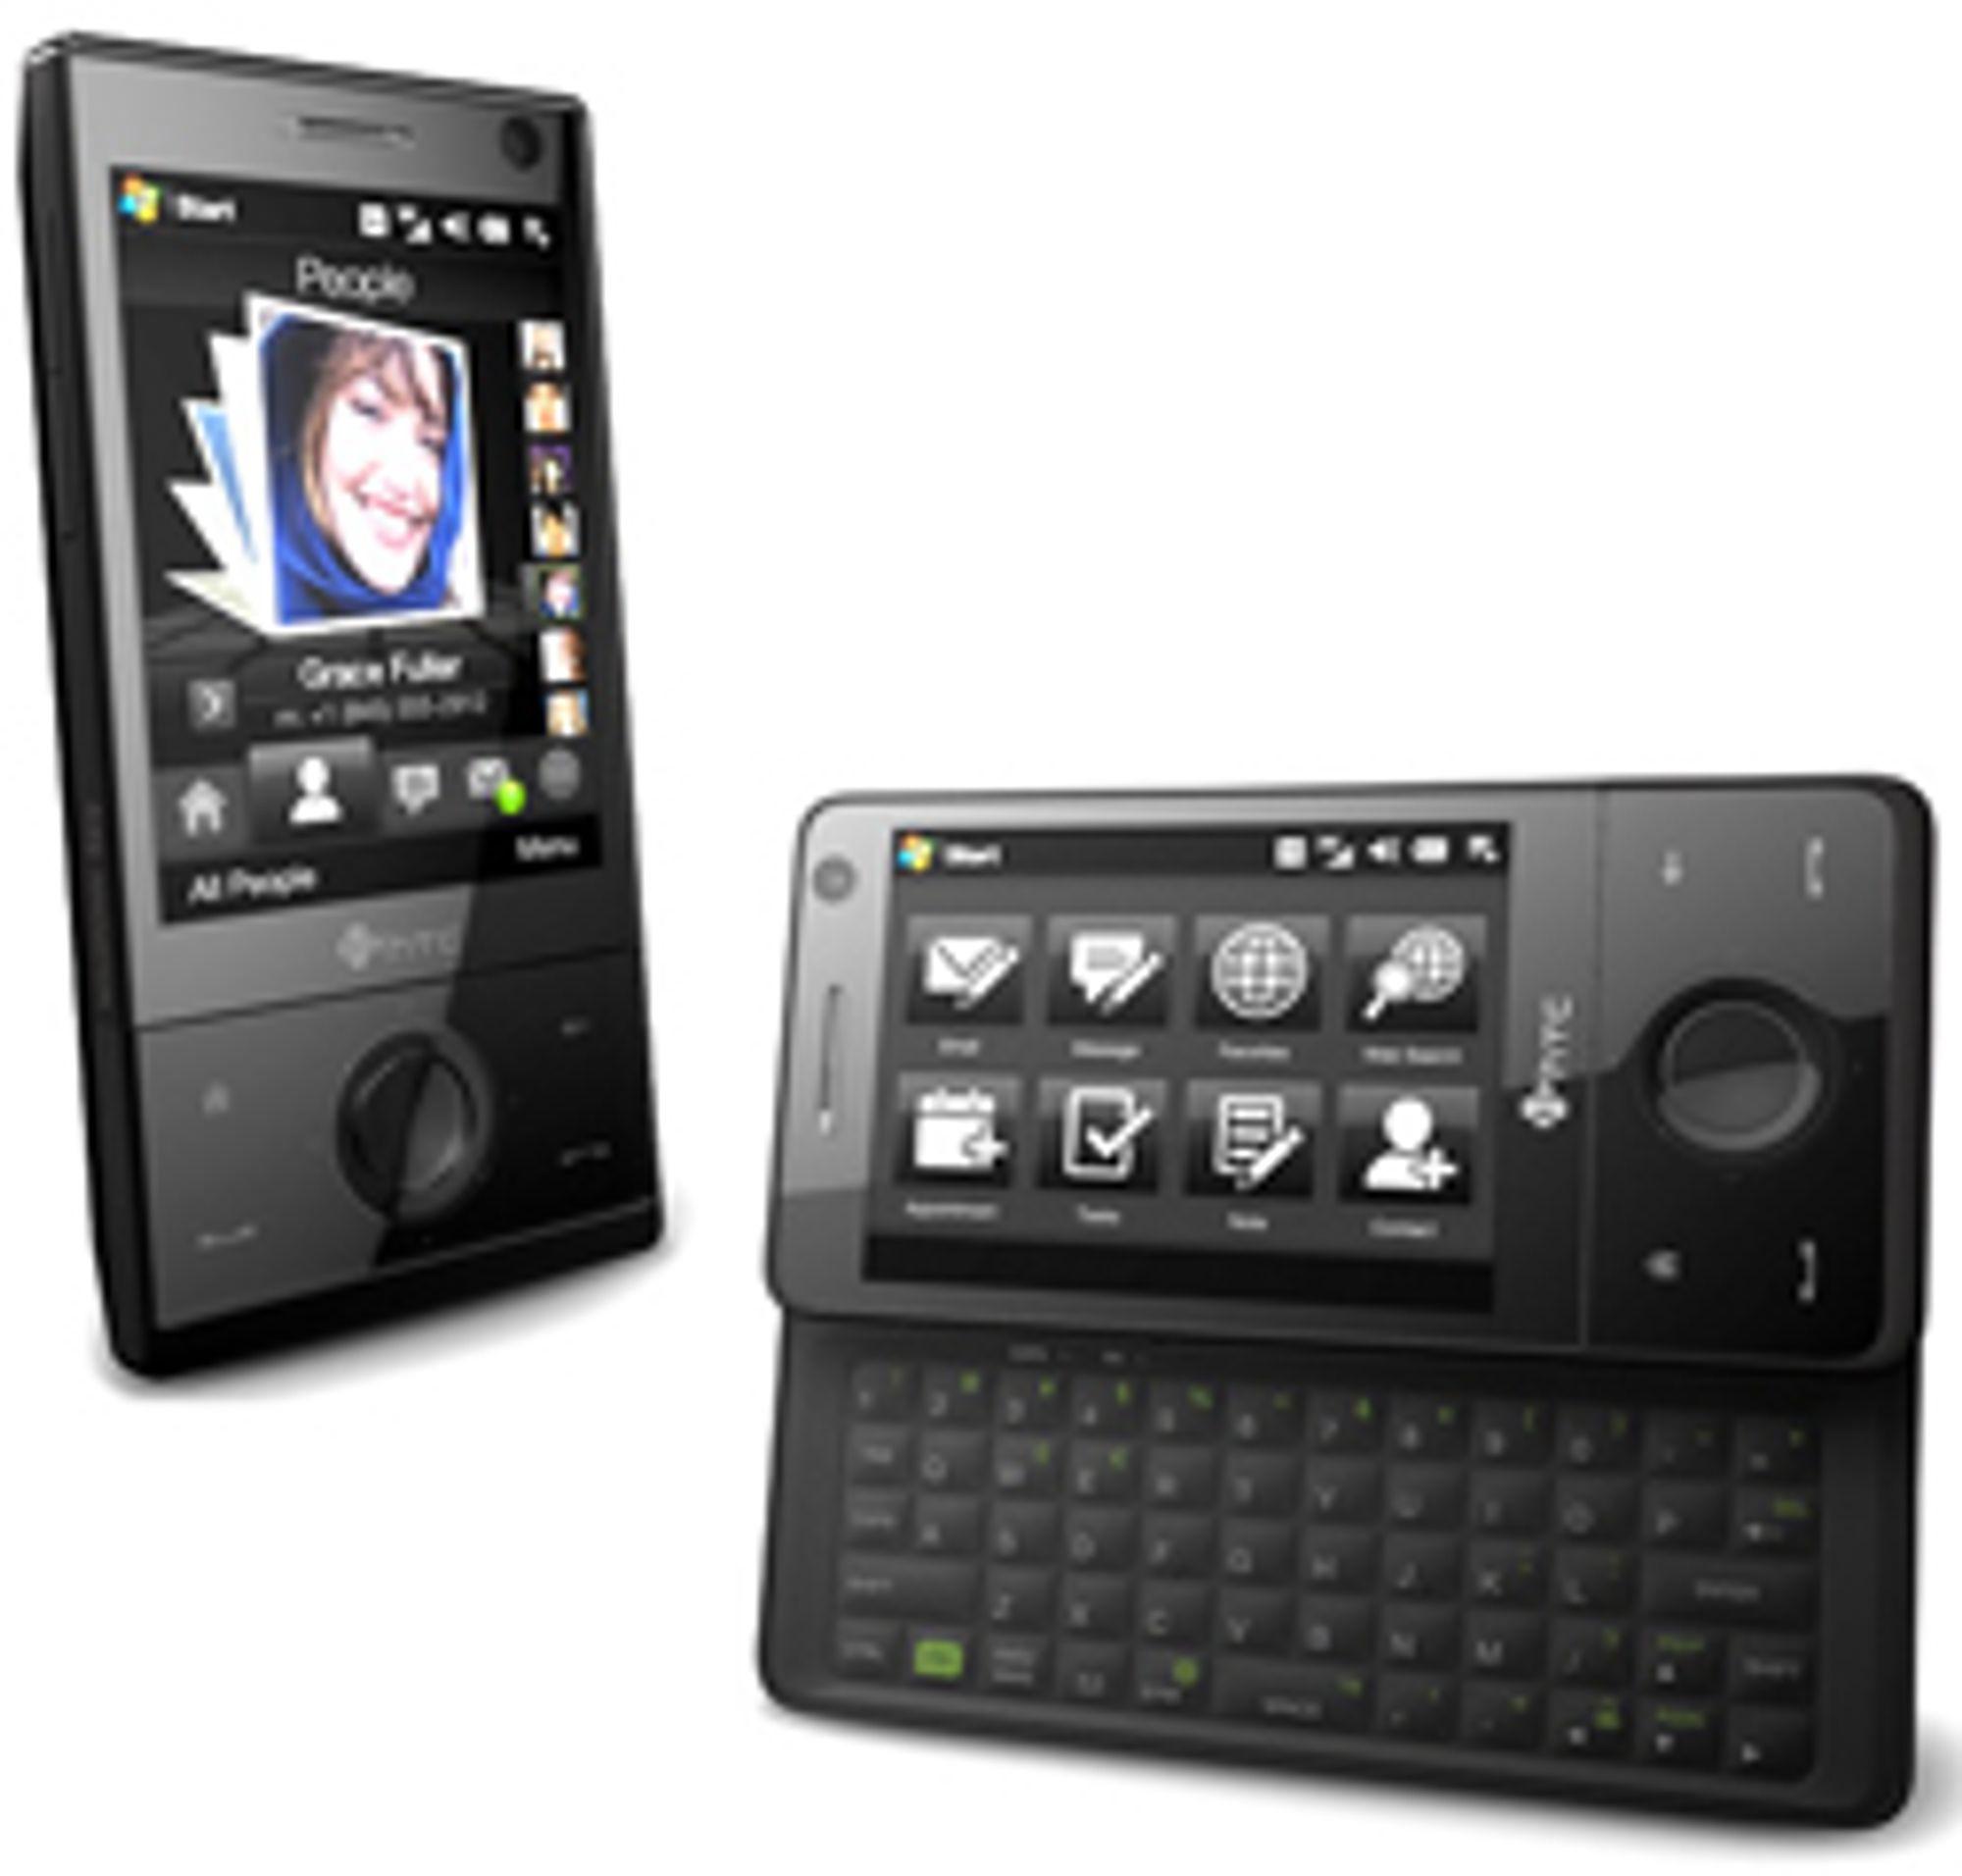 Ventetiden er straks over. HTC Touch Pro er på vei.